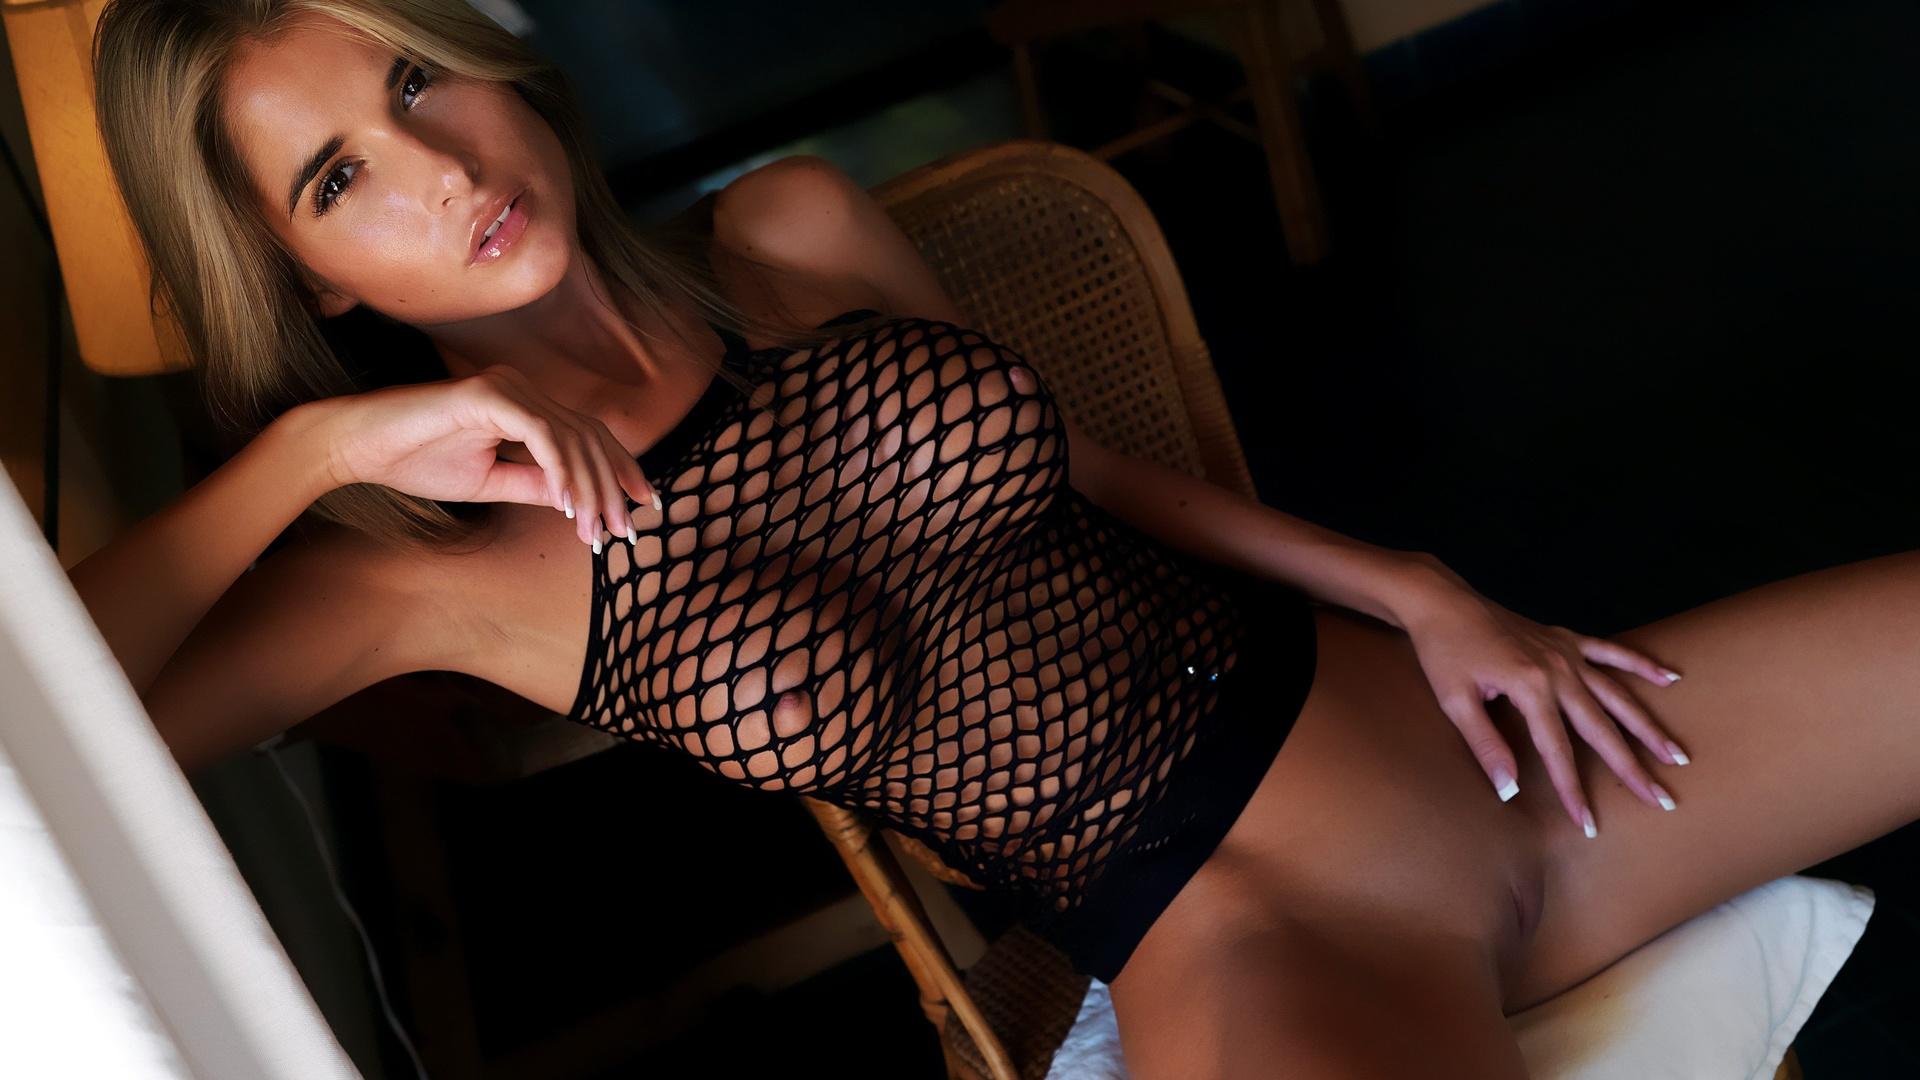 Секс девушка с лифчиком и трусиками 18 фотография